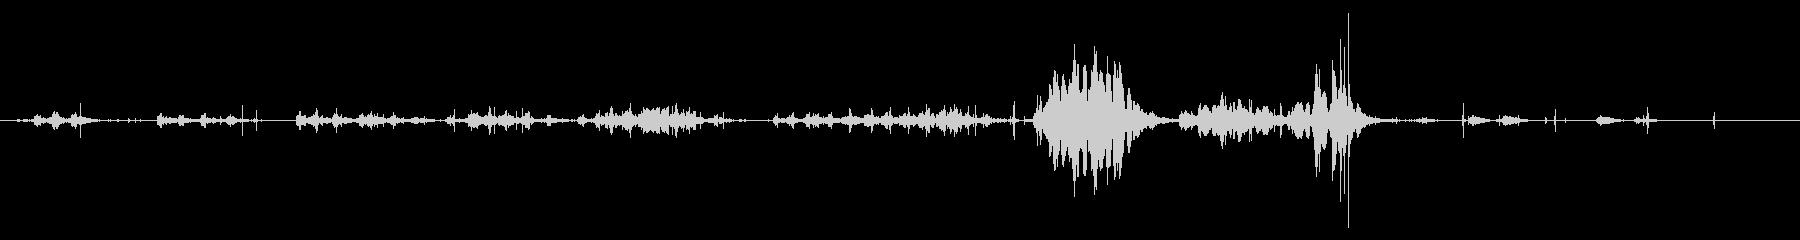 ハイドロフォンとマイクのミックス:...の未再生の波形